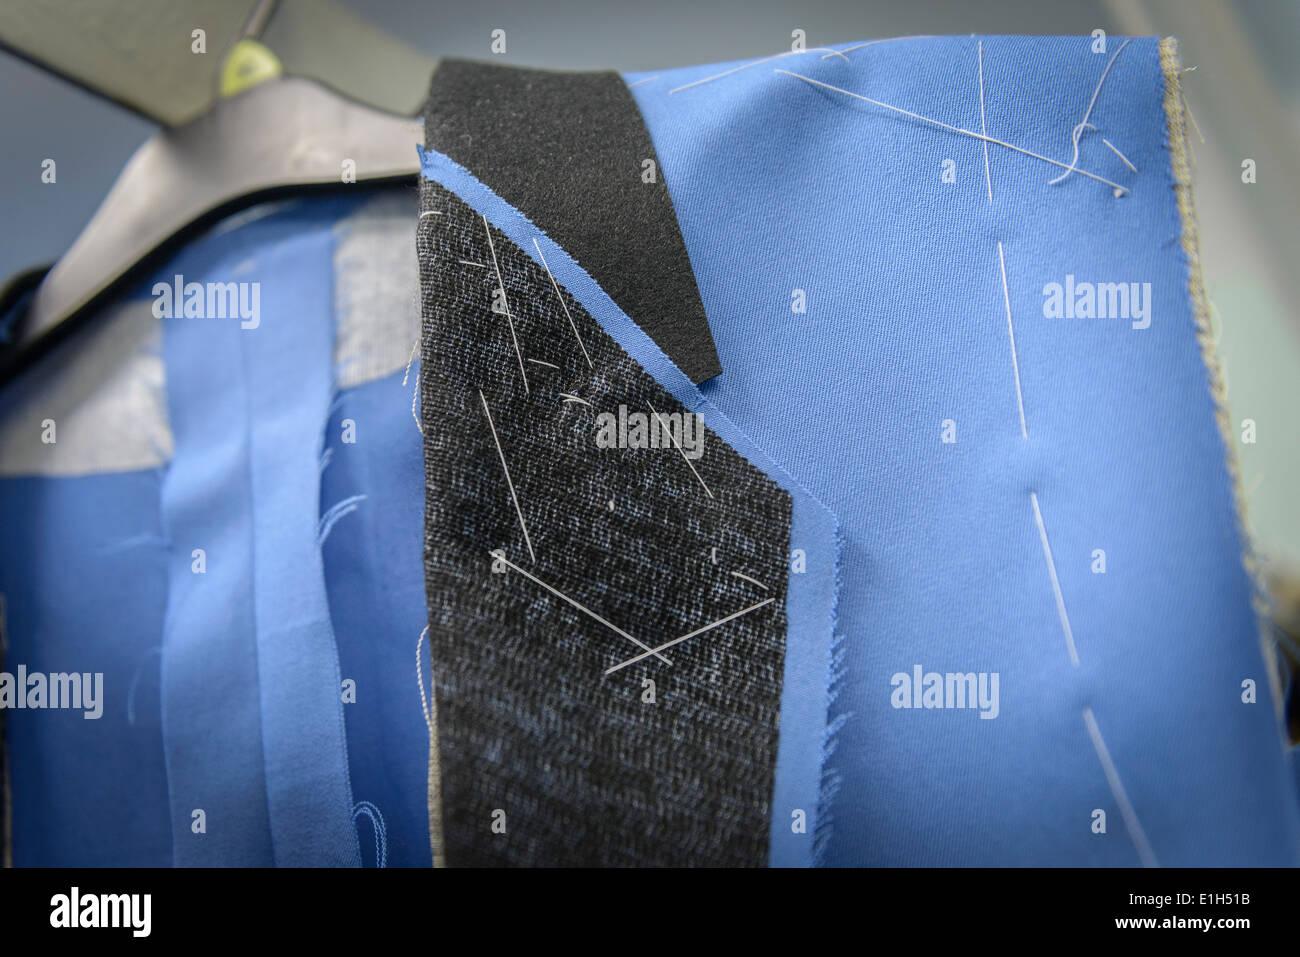 Detail des Materials in Kleiderfabrik, Nahaufnahme Stockbild